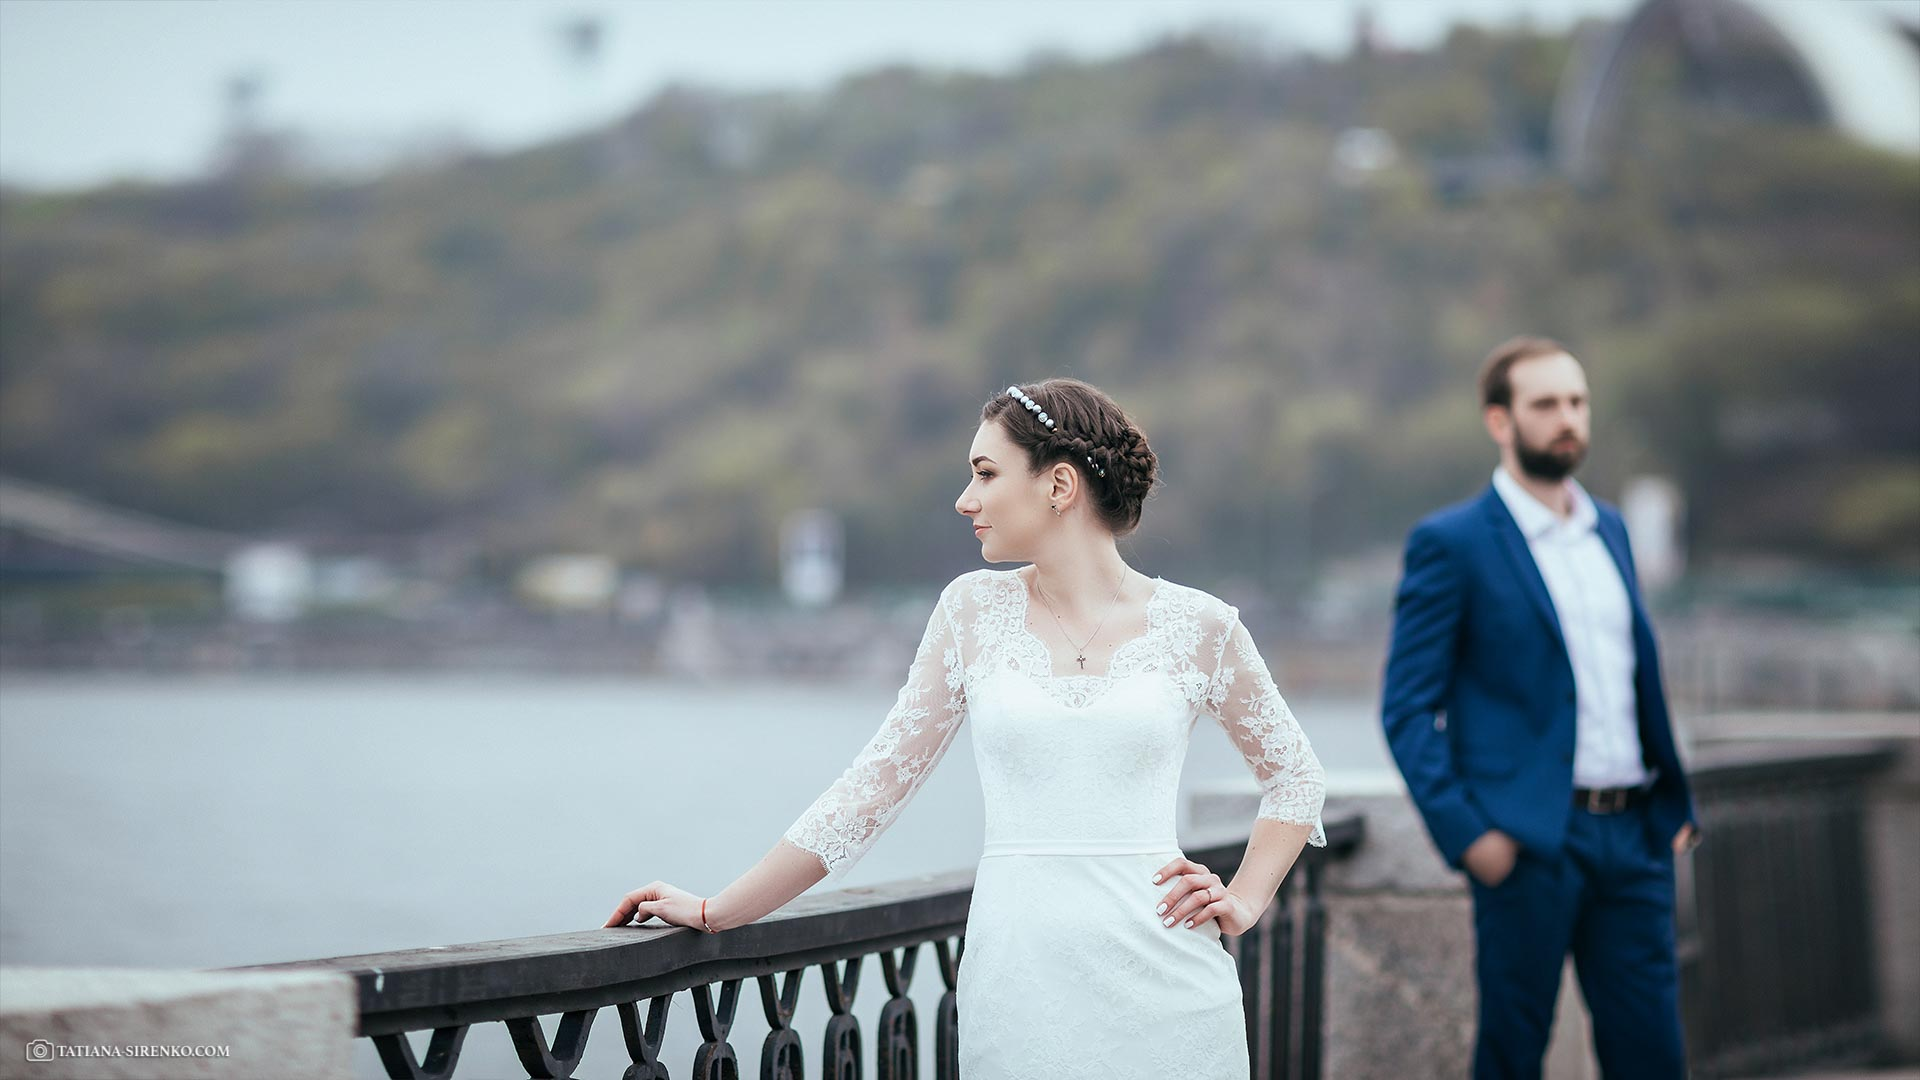 Свадебная фотографияна набережной